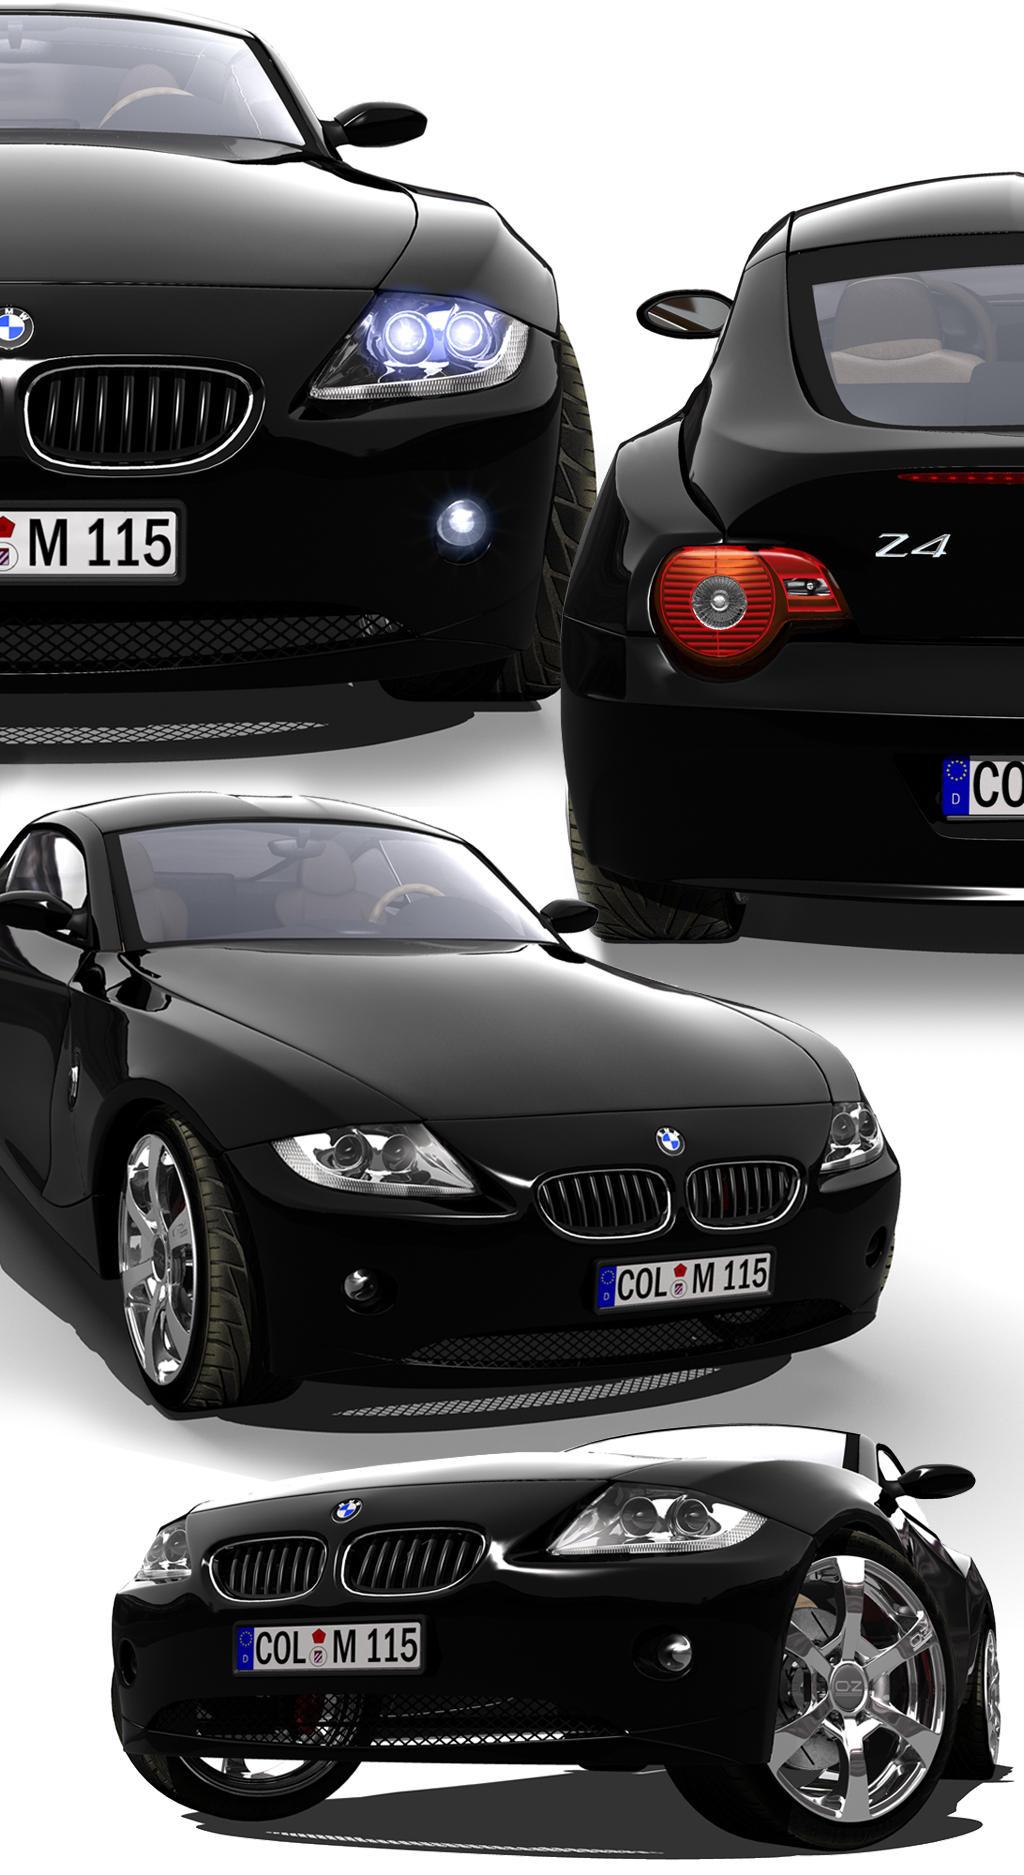 BMW Z4 Collage by Digoma on DeviantArt